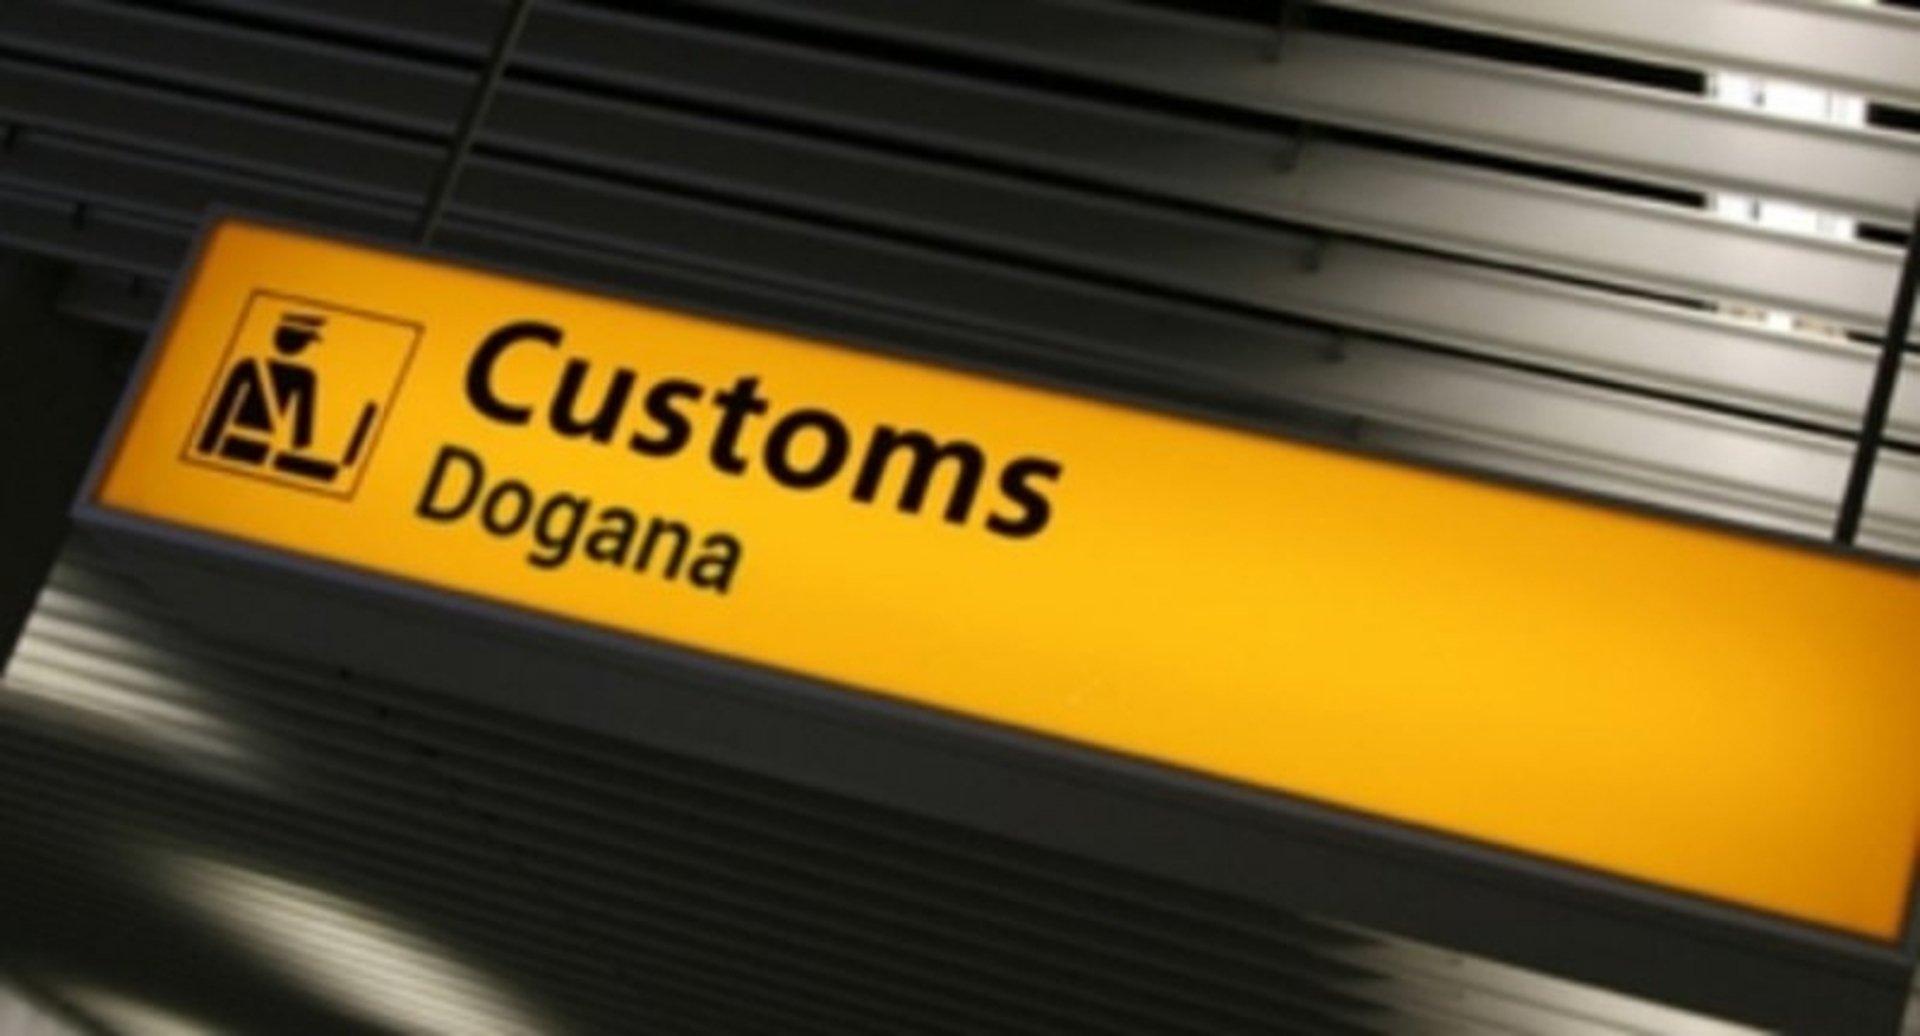 Gearbest - Dogana